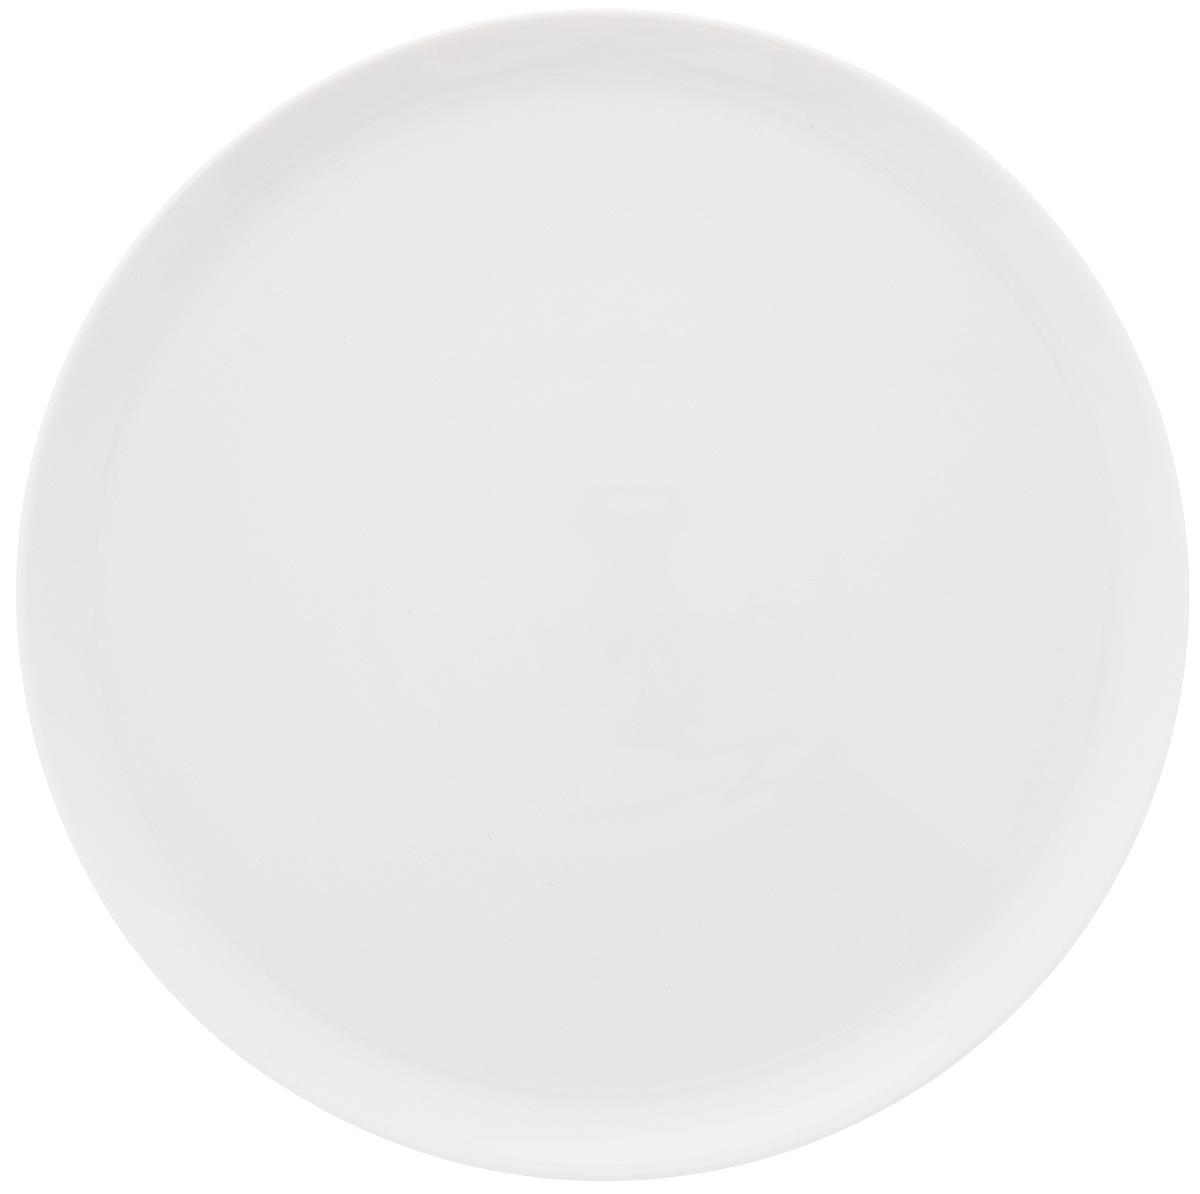 Тарелка La Rose des Sables Yaka, диаметр 27 см880127Тарелка La Rose Des Sables Yaka выполнена из высококачественного фарфора. Изящный дизайн придется по вкусу и ценителям классики, и тем, кто предпочитает утонченность. Тарелка La Rose Des Sables Yaka идеально подойдет для сервировки стола и станет отличным подарком к любому празднику. Тарелку можно использовать в микроволновой печи и посудомоечной машине. Диаметр тарелки по верхнему краю: 27 см. Высота тарелки: 2 см.